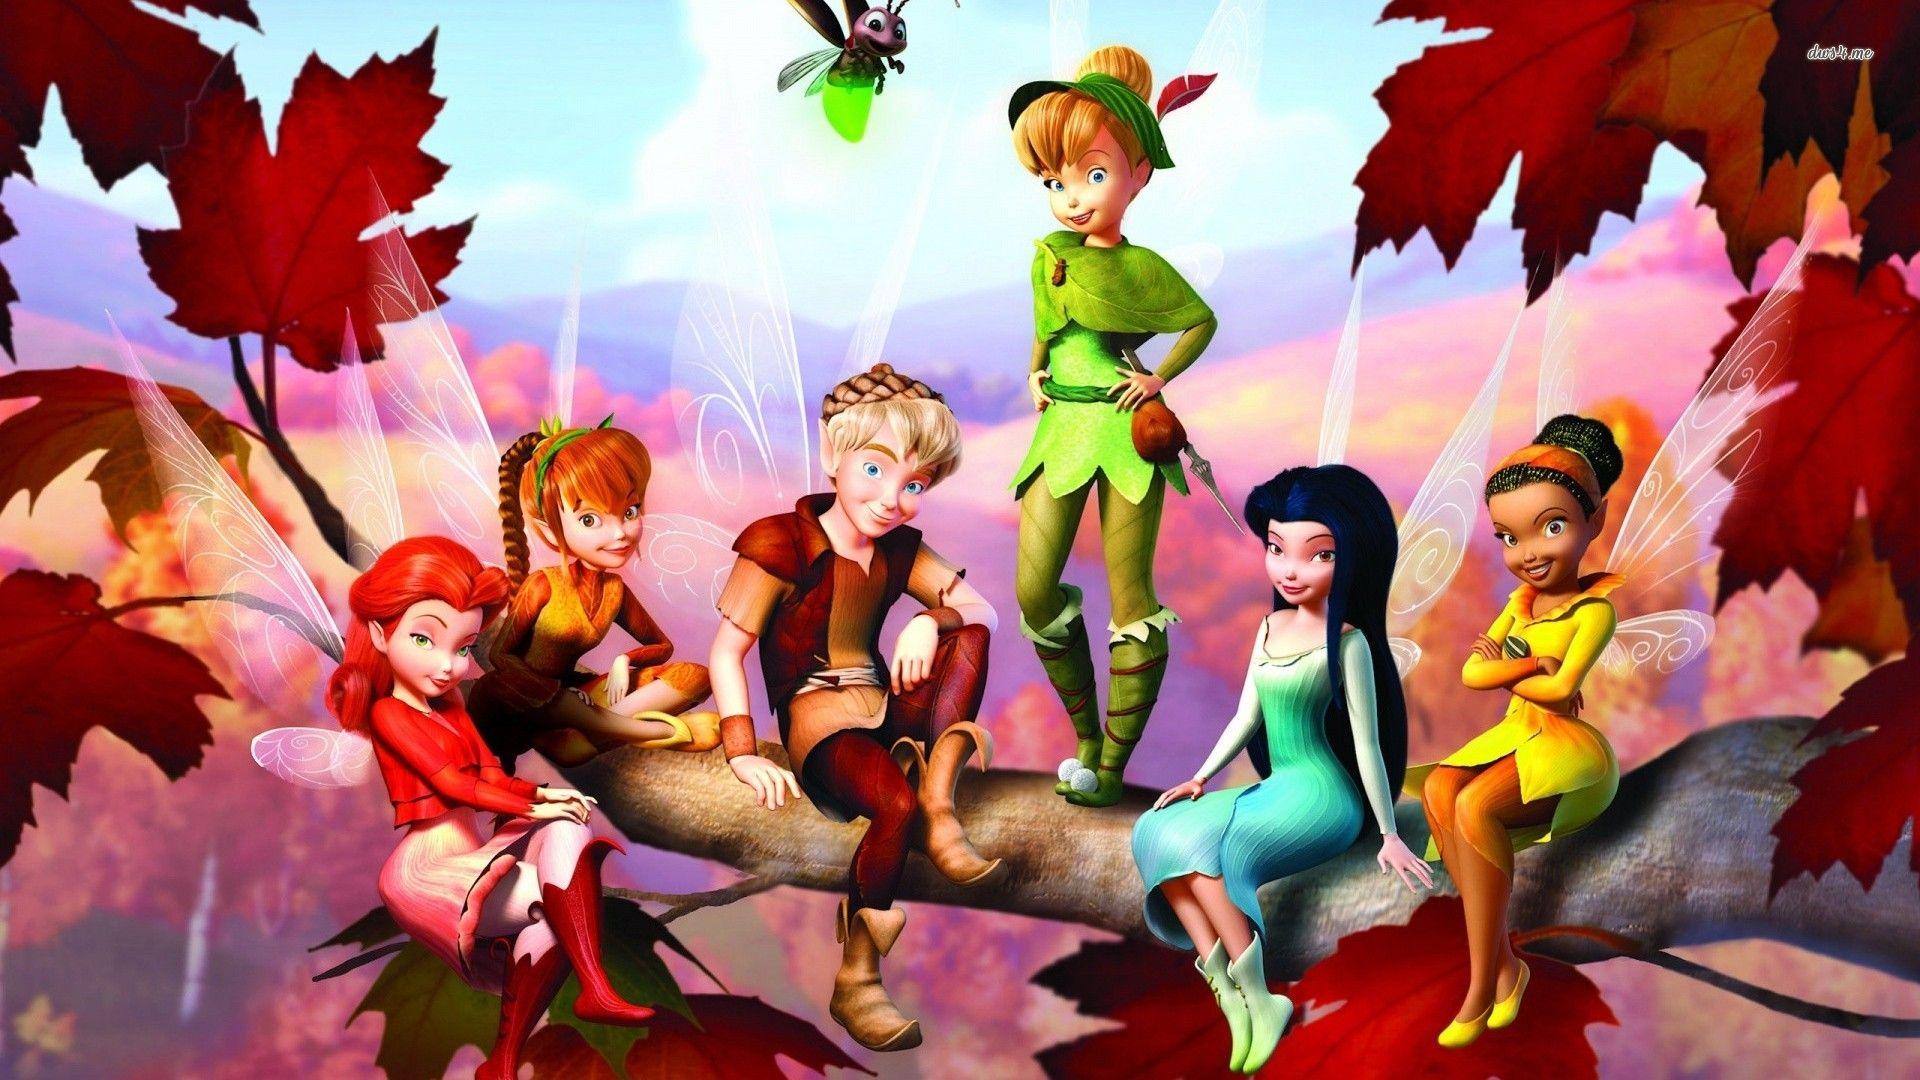 This Is Now My Computer Background Disney Fadas Fadas Lindas Fadas